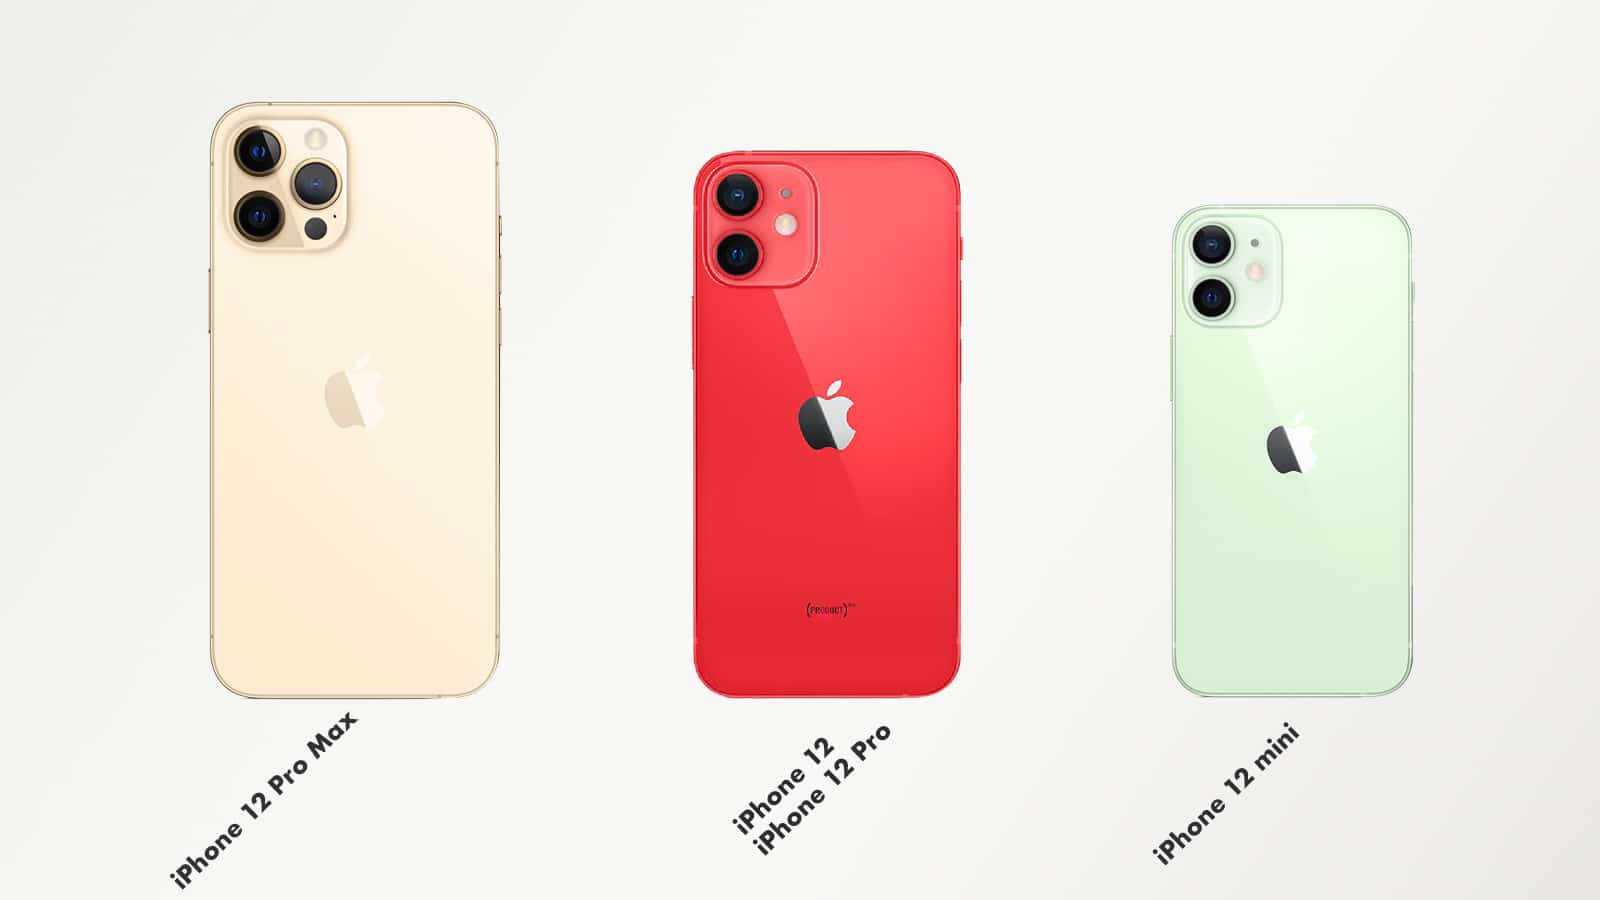 iPhone 12 : comparez la taille des iPhone à côté des anciens